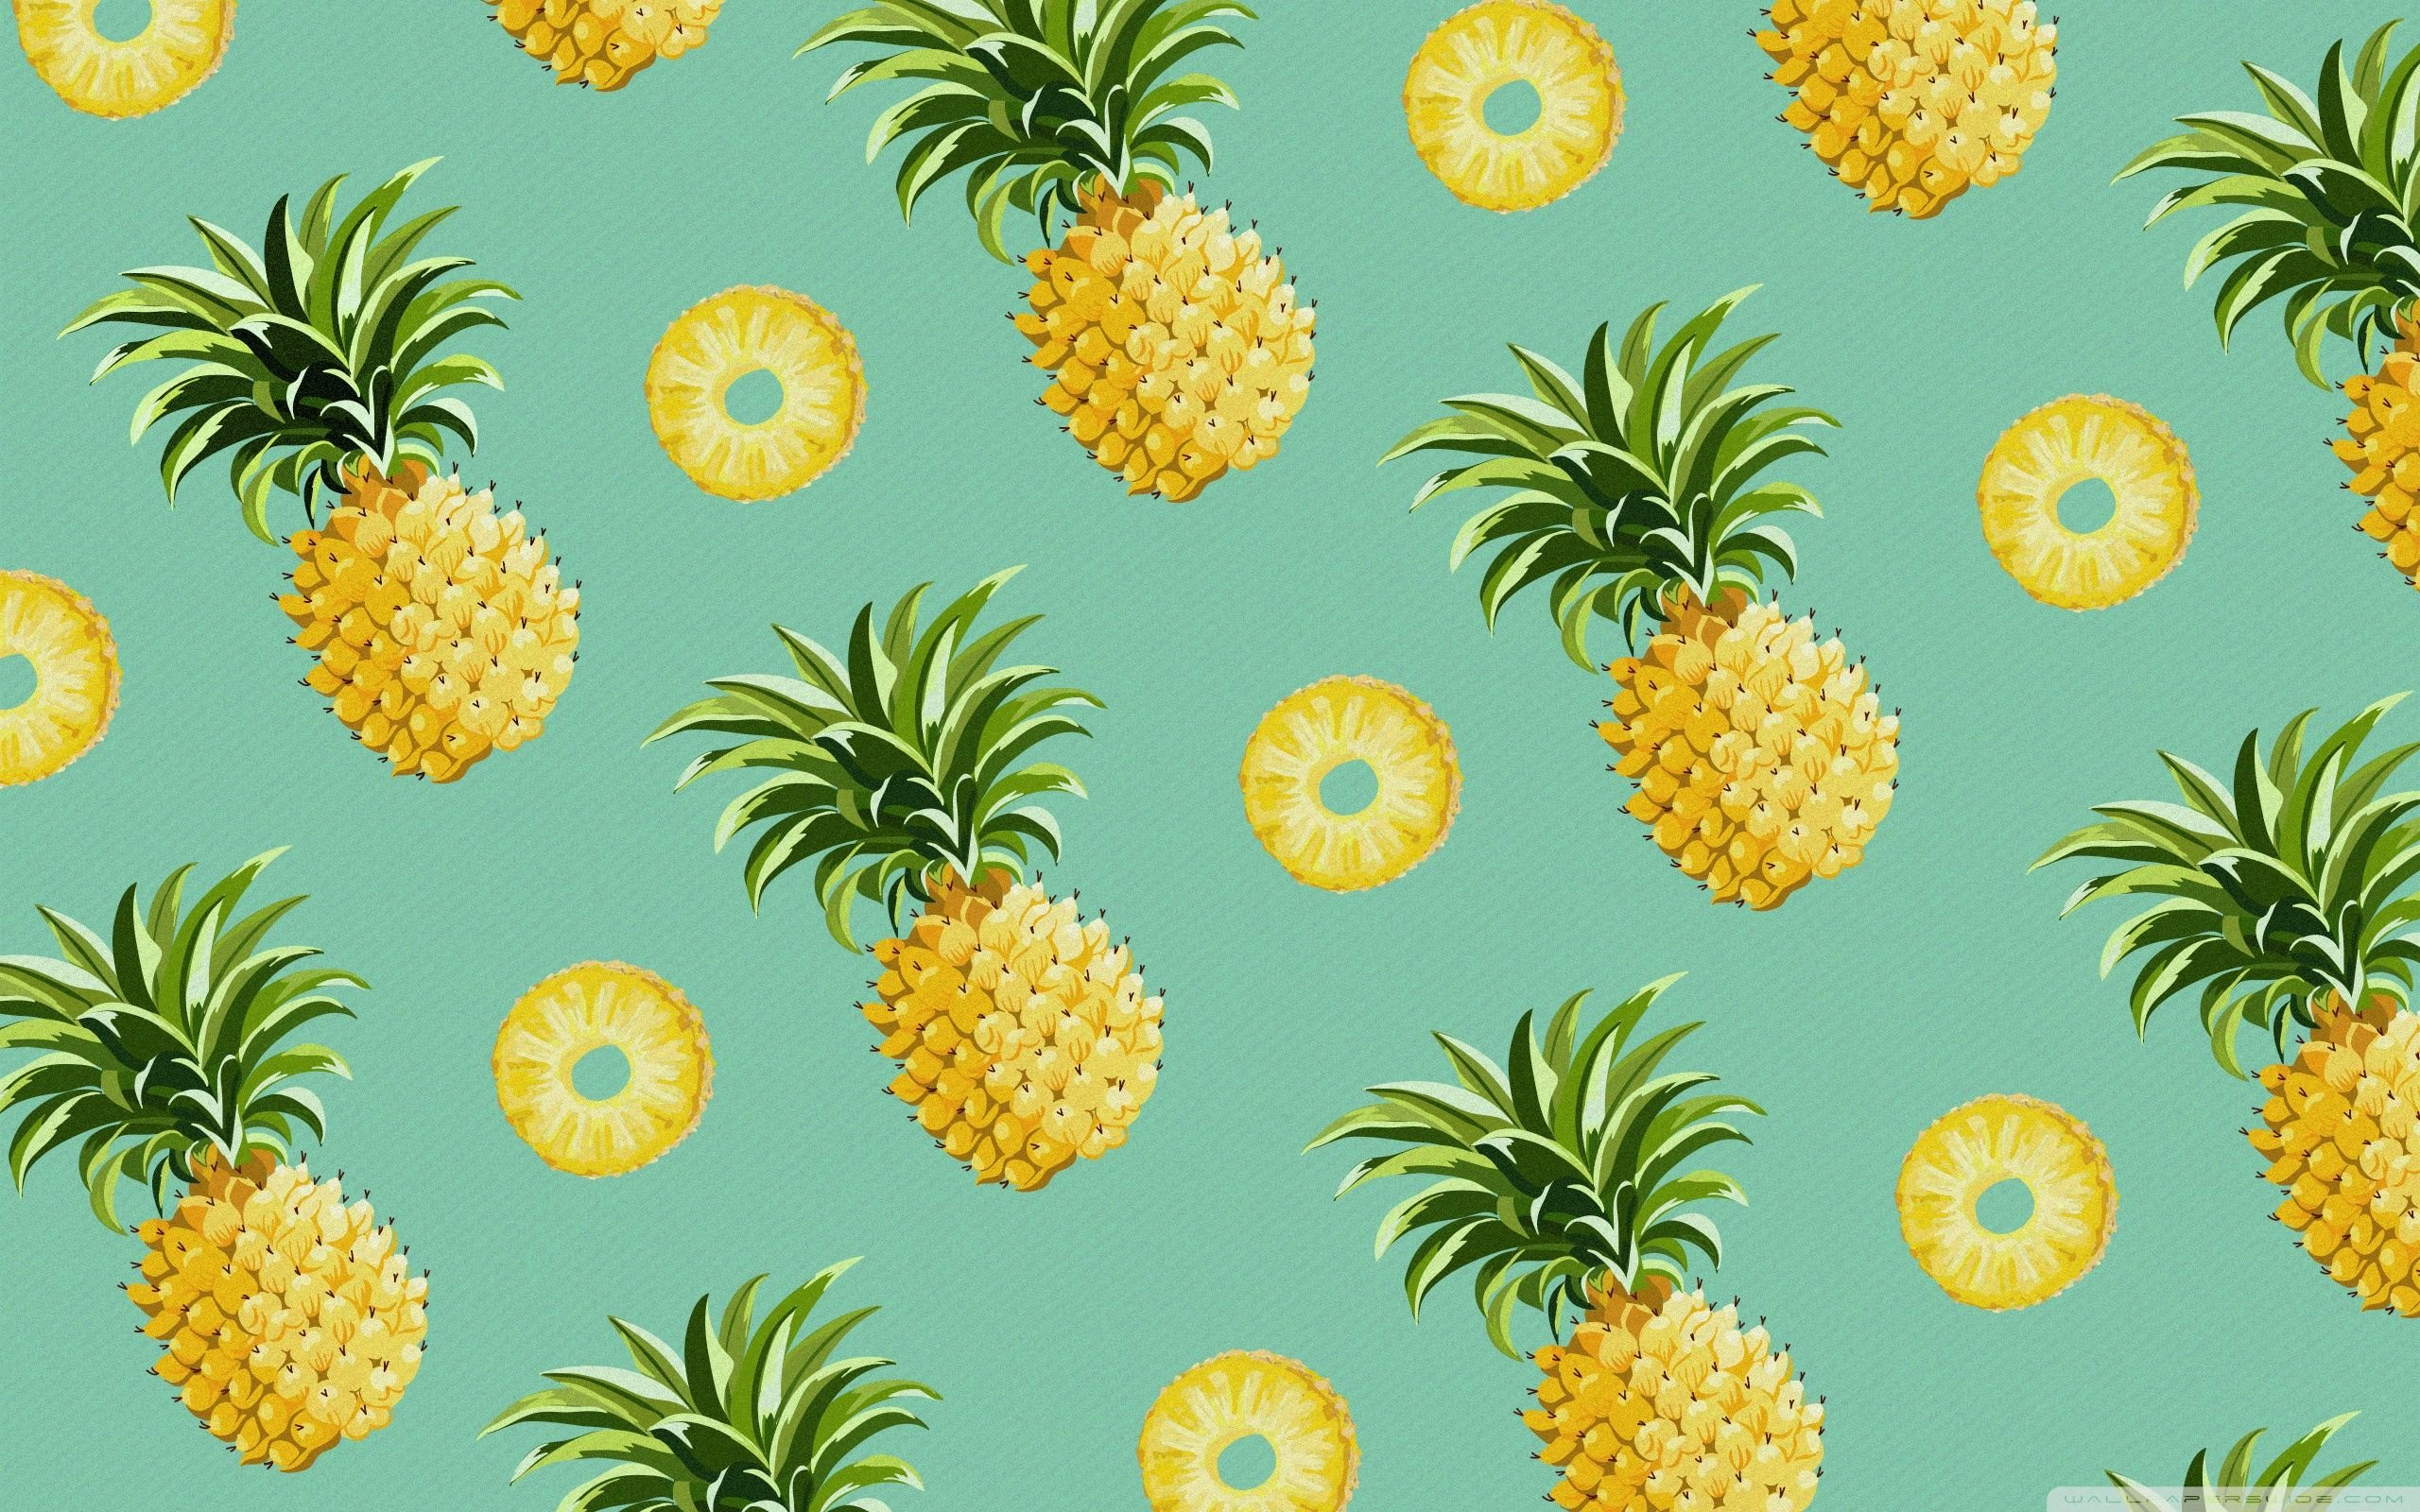 Vintage Pineapple Wallpapers - Top Free Vintage Pineapple ...